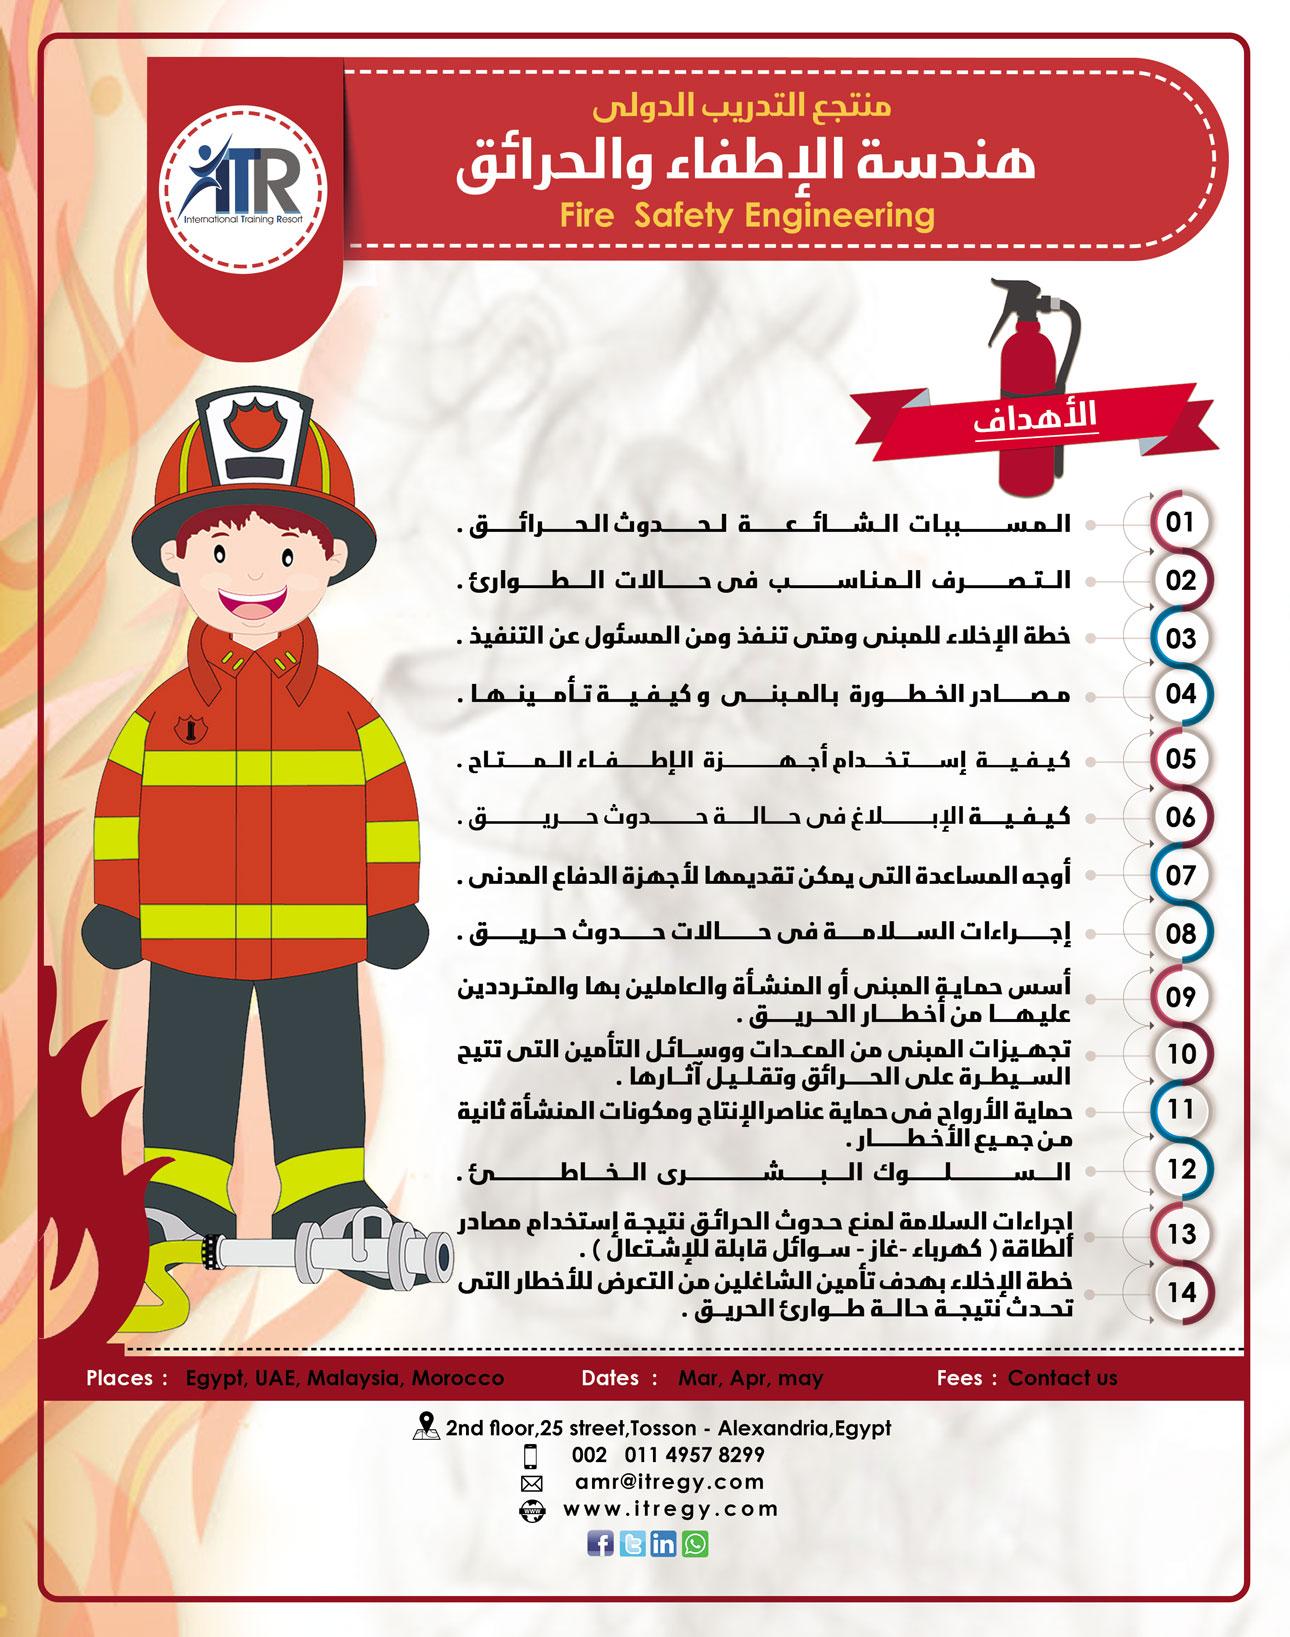 هندسة الاطفاء والحرائق